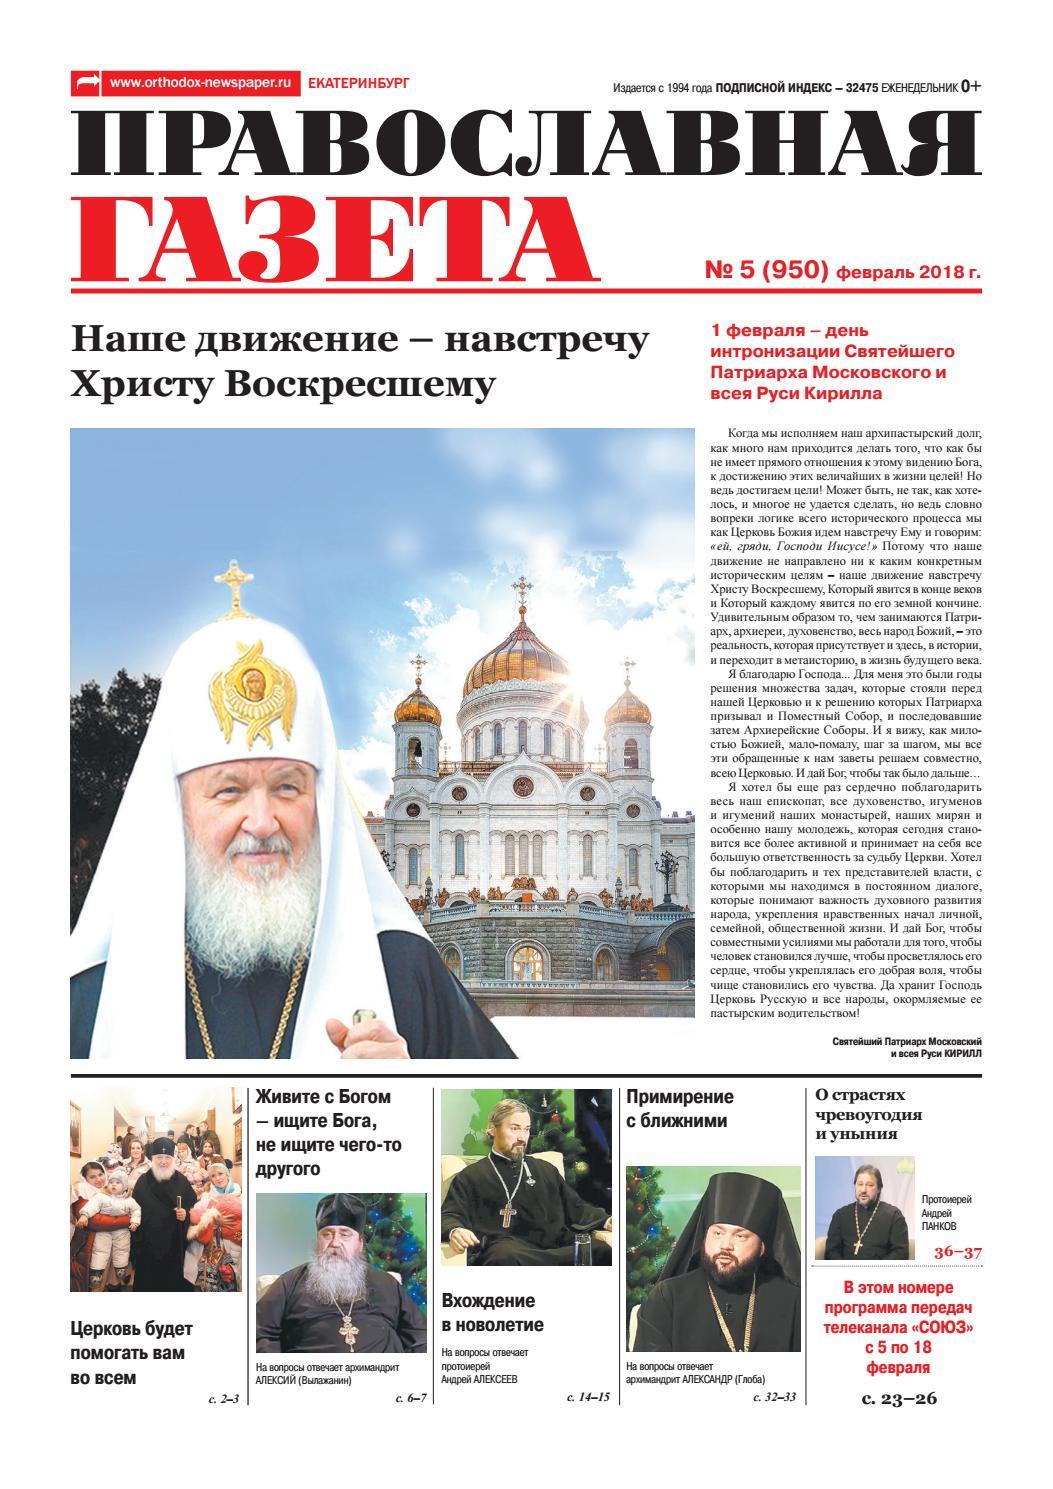 военные священники в российской армии